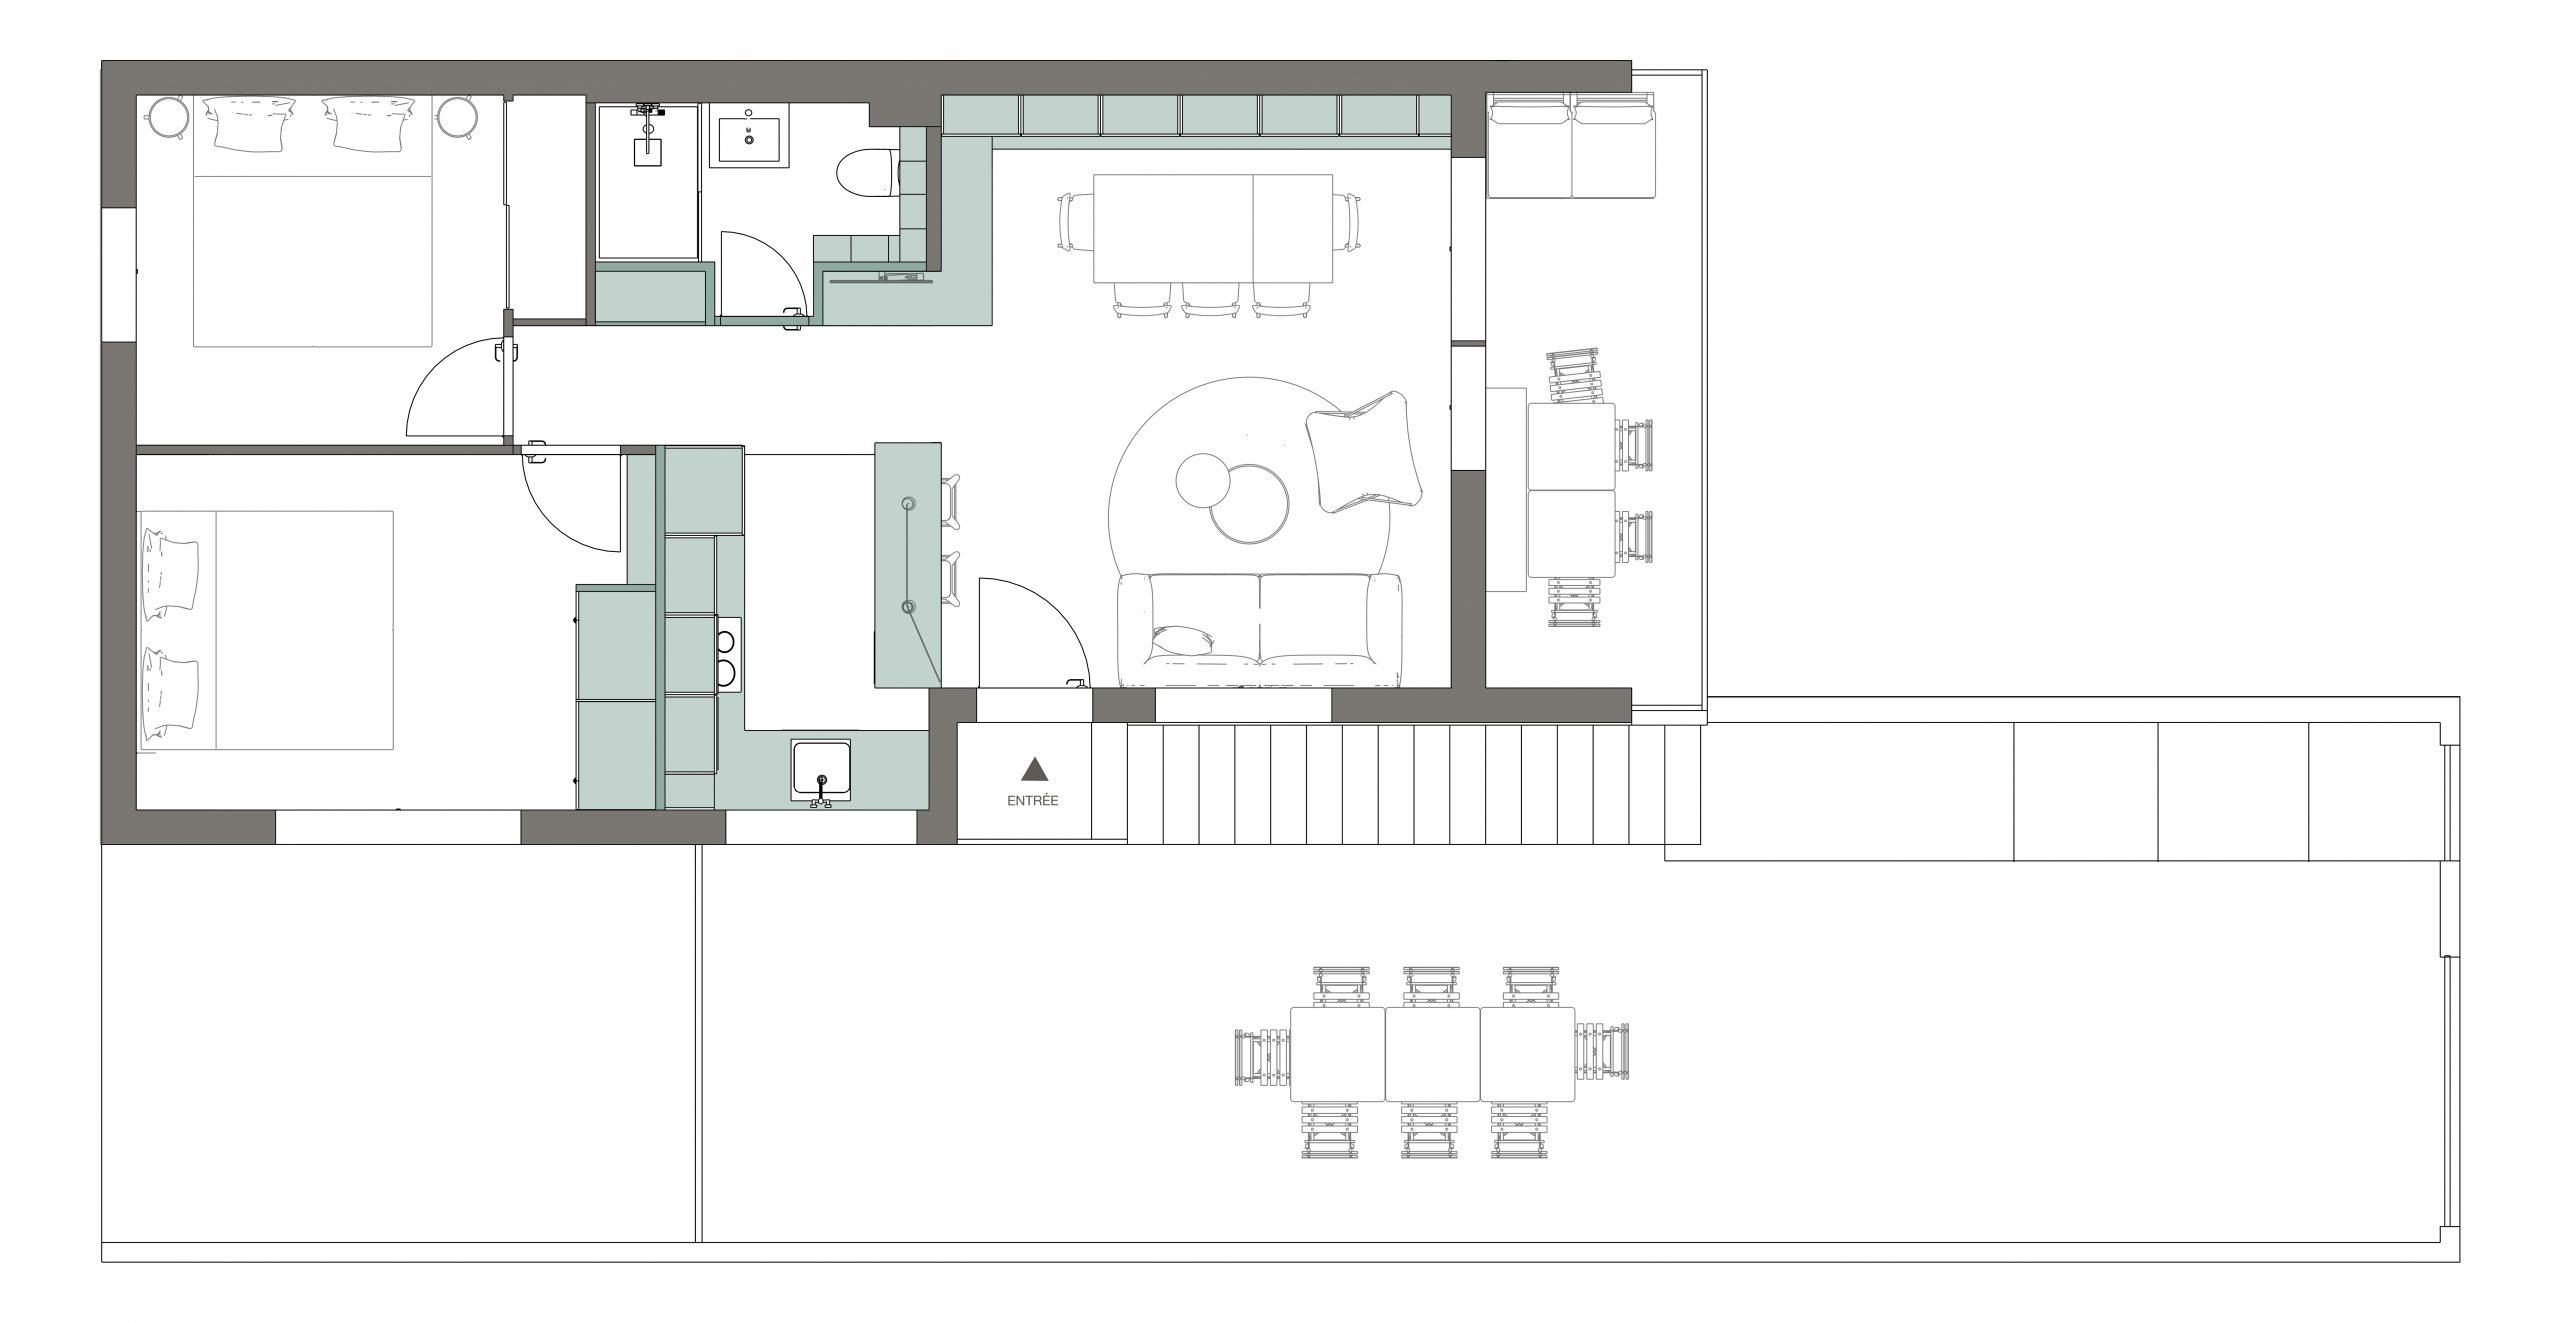 le plan de l'appartement après rénovation